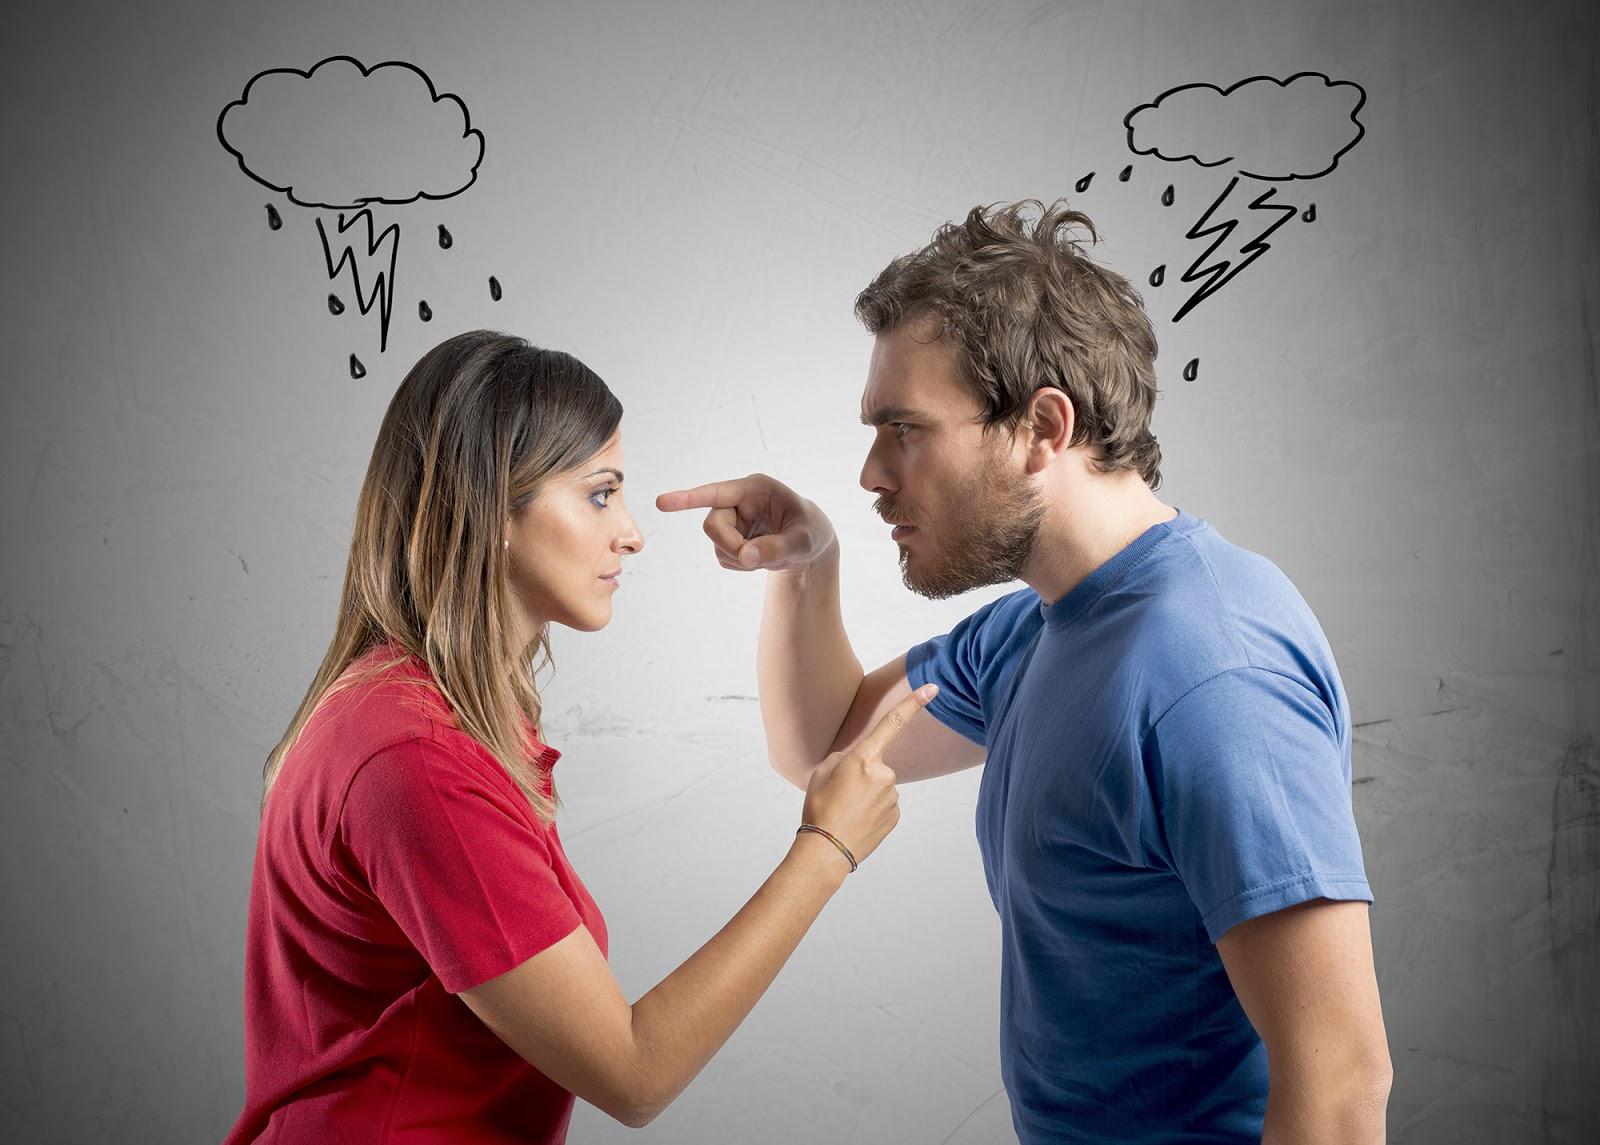 اختلاف نظر و عدم تفاهم در زندگی مشترک